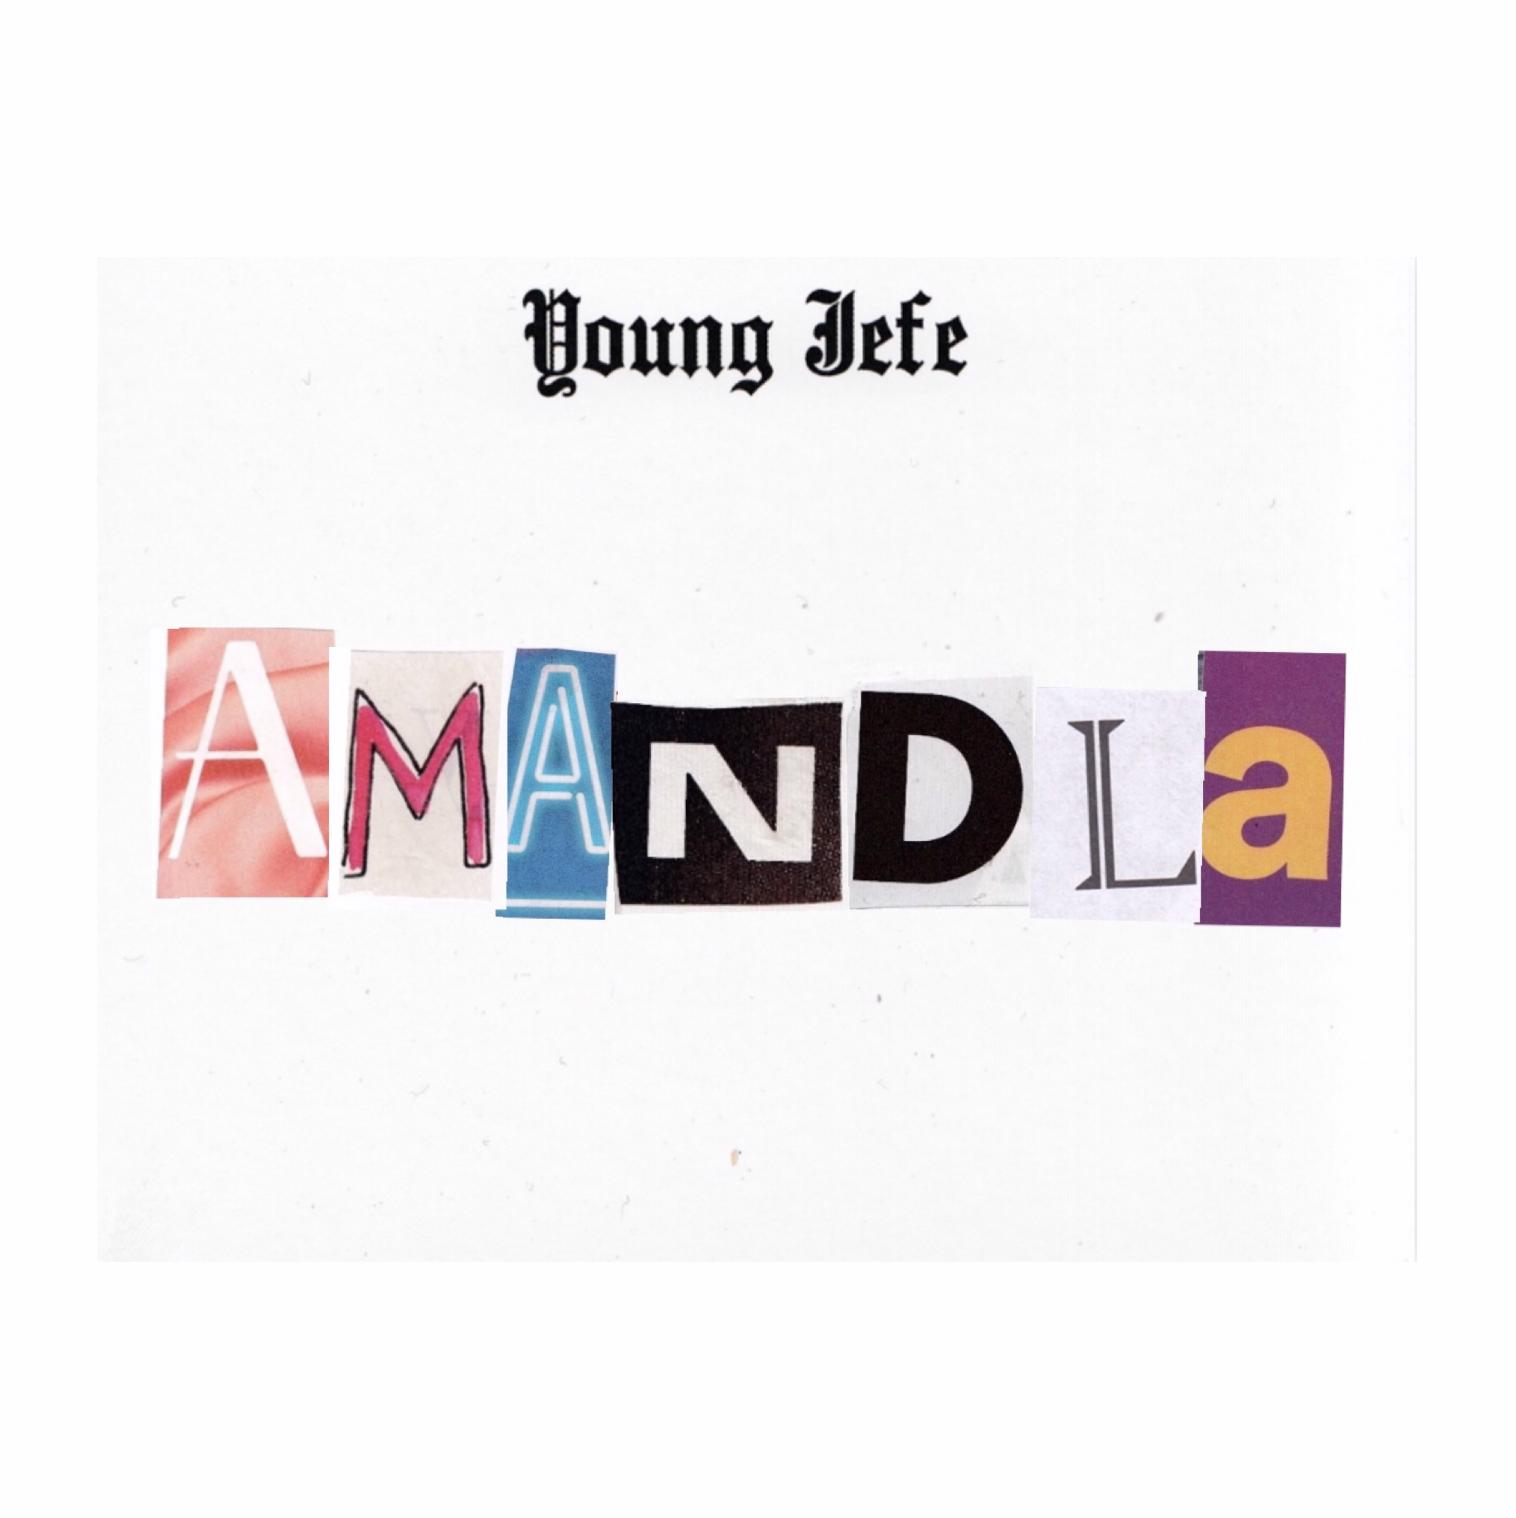 Amandla Young Jefe.png